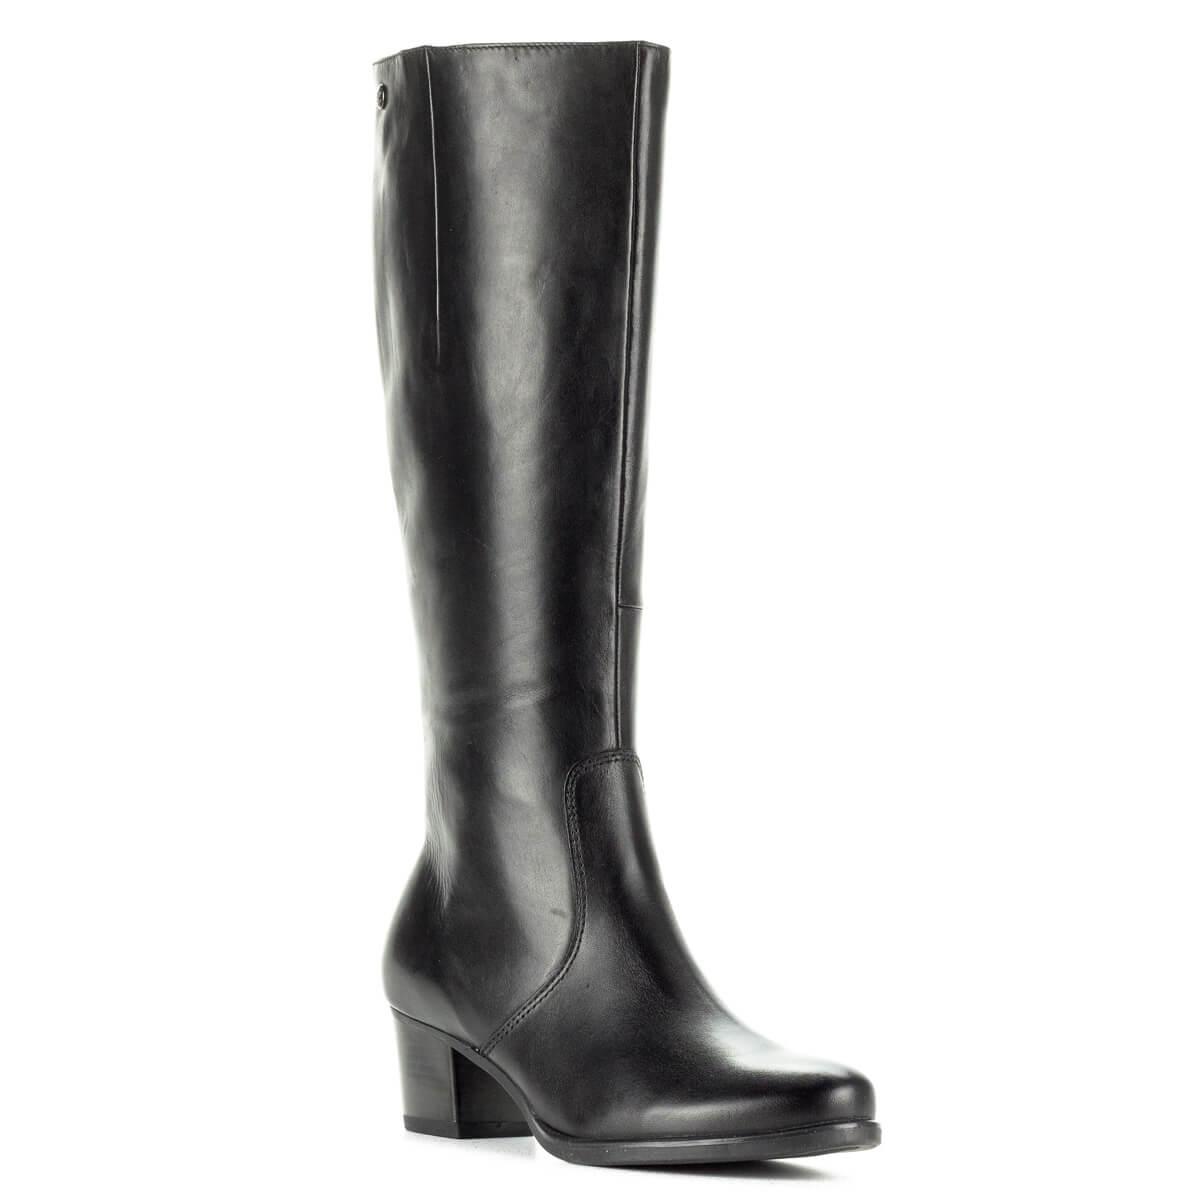 Fekete Caprice csizma 5 cm-es sarokkal, bőr felsőrésszel, plüss béléssel. Klasszikus fazonú Caprice csizma díszítés nélkül, vastag gumi talppal.